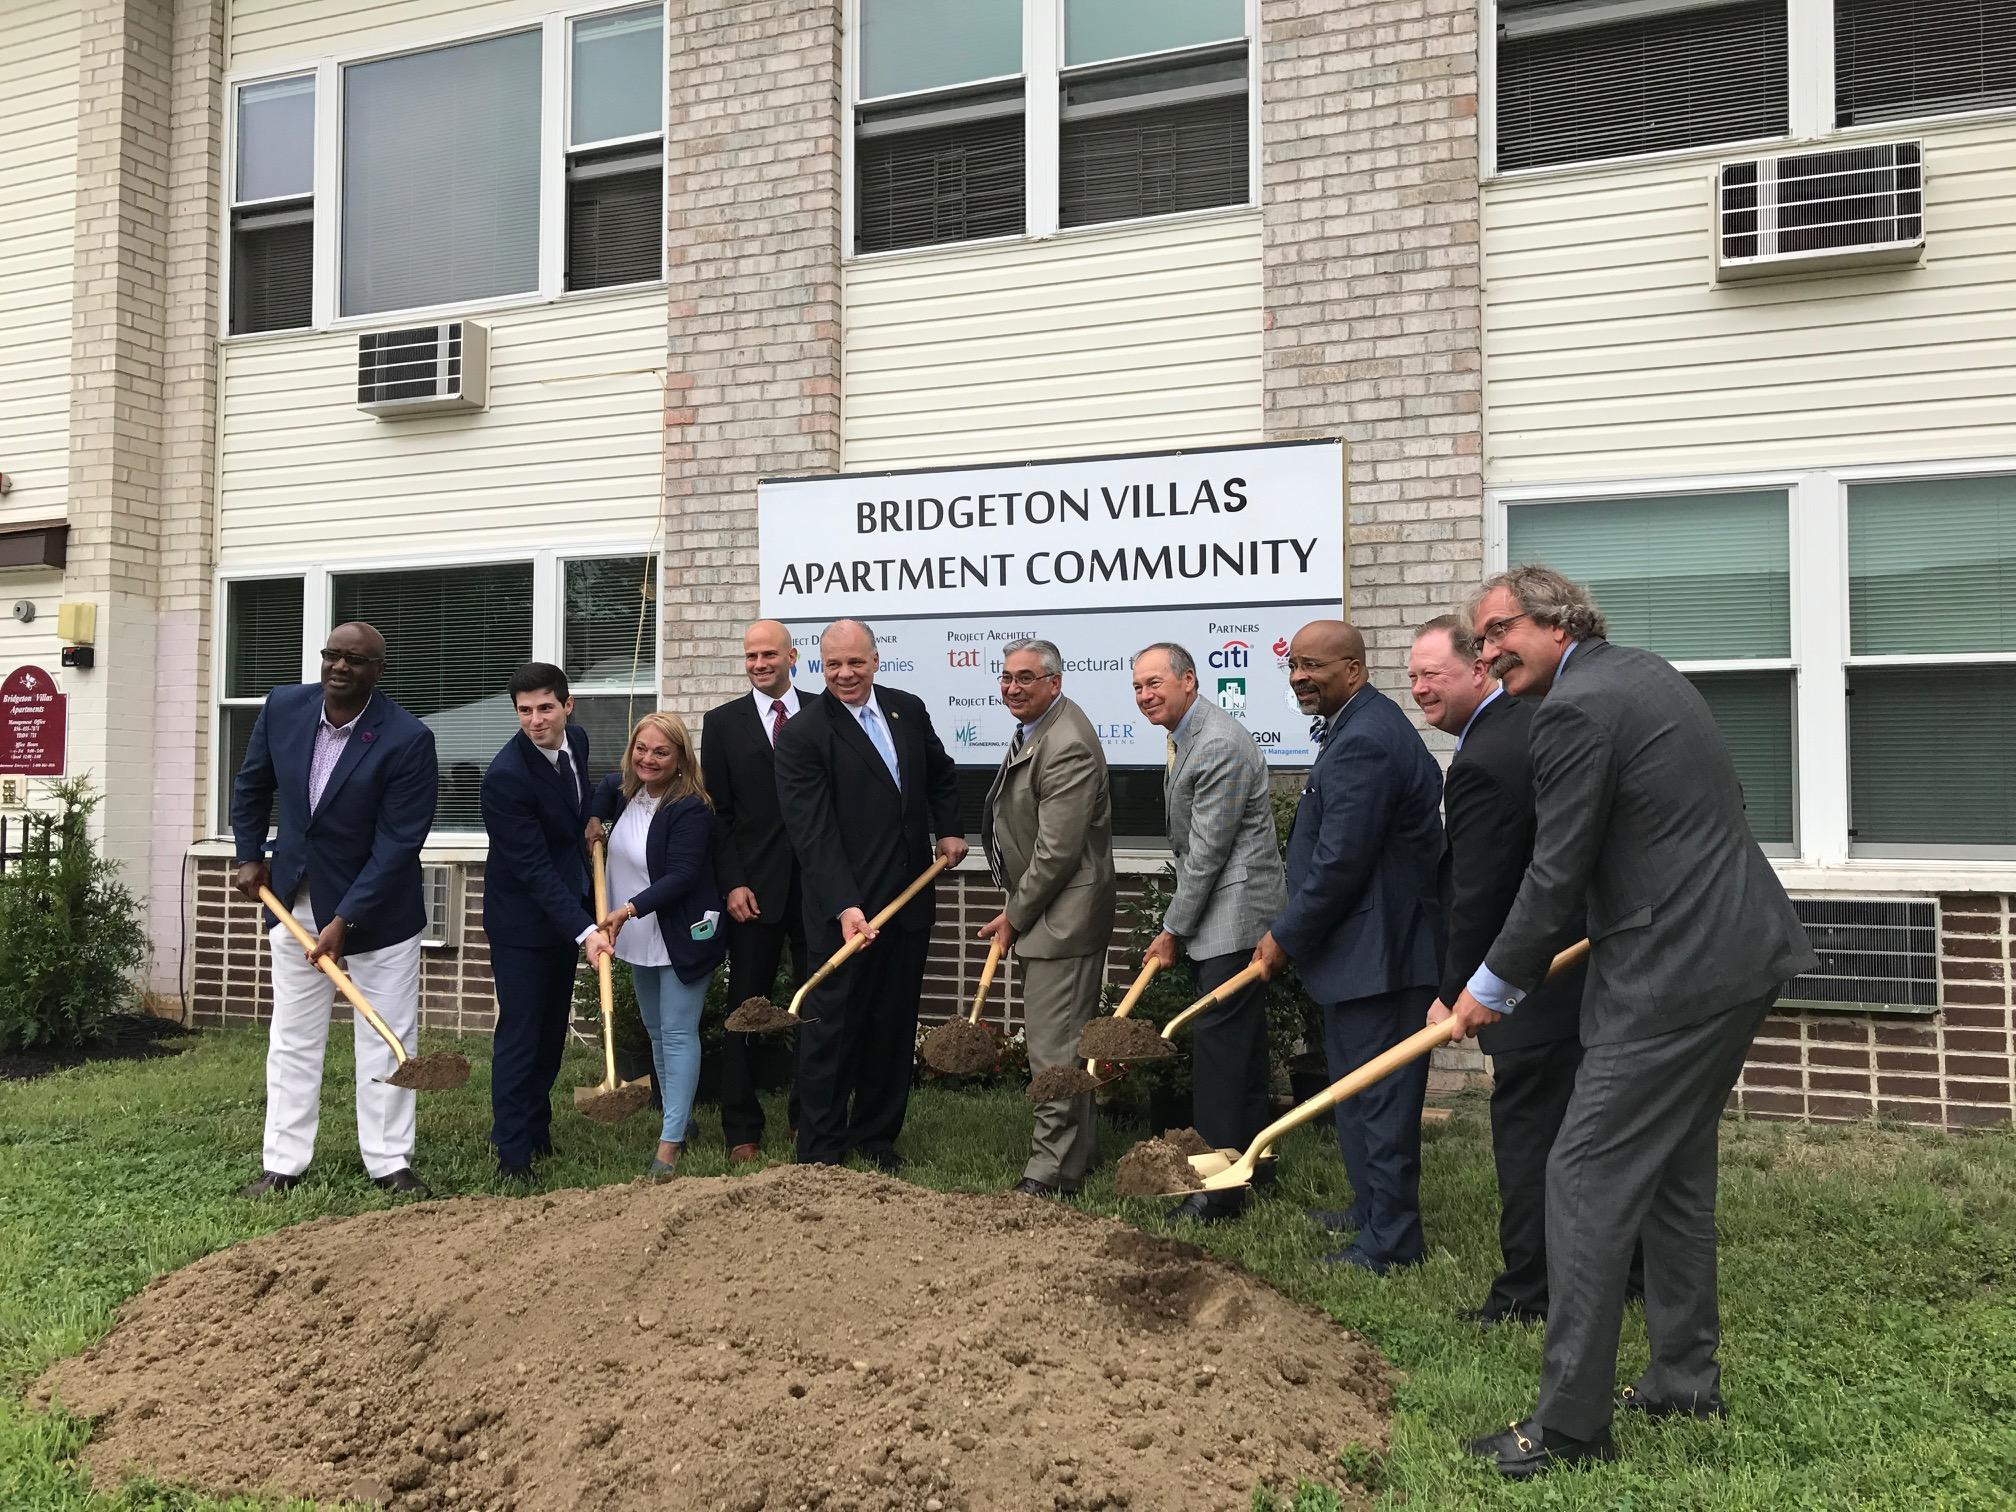 Sweeney participa en la ceremonia de inicio de la renovación de viviendas en Bridgeton